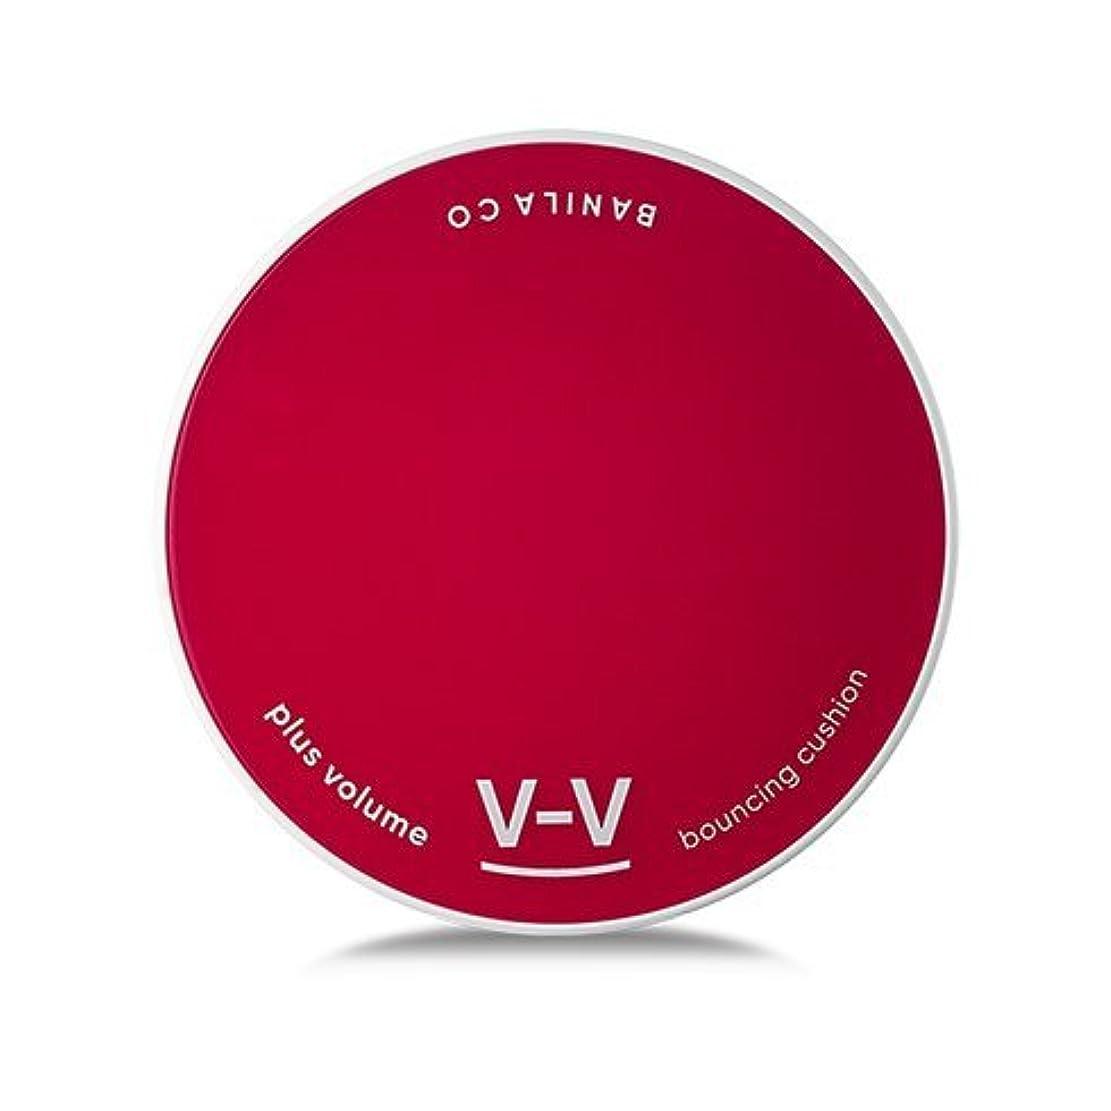 受益者創造命令的[Renewal] BANILA CO V-V Bouncing Cushion 15g + Refill 15g/バニラコ ブイ ブイ バウンシング クッション 15g + リフィル 15g (#BE10) [並行輸入品]